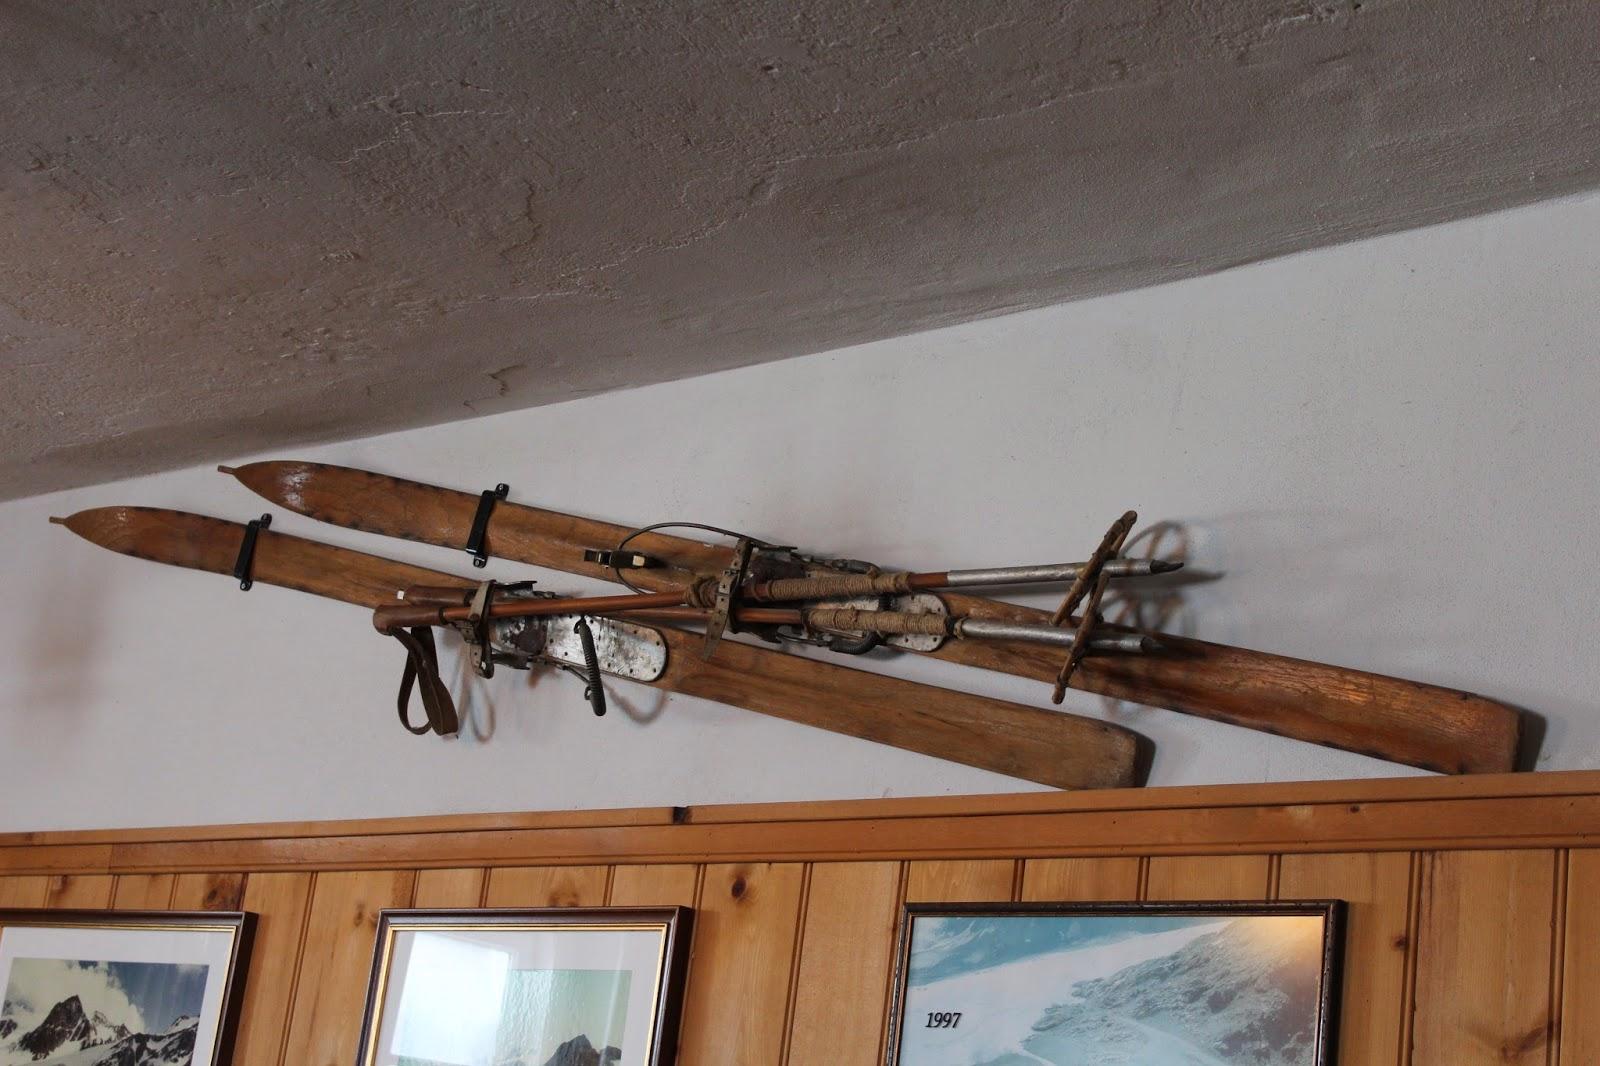 drewniane narty, kafejak drewniana,wood old wood inspirations,interiors,wnętrza blog,stare zdjęcia